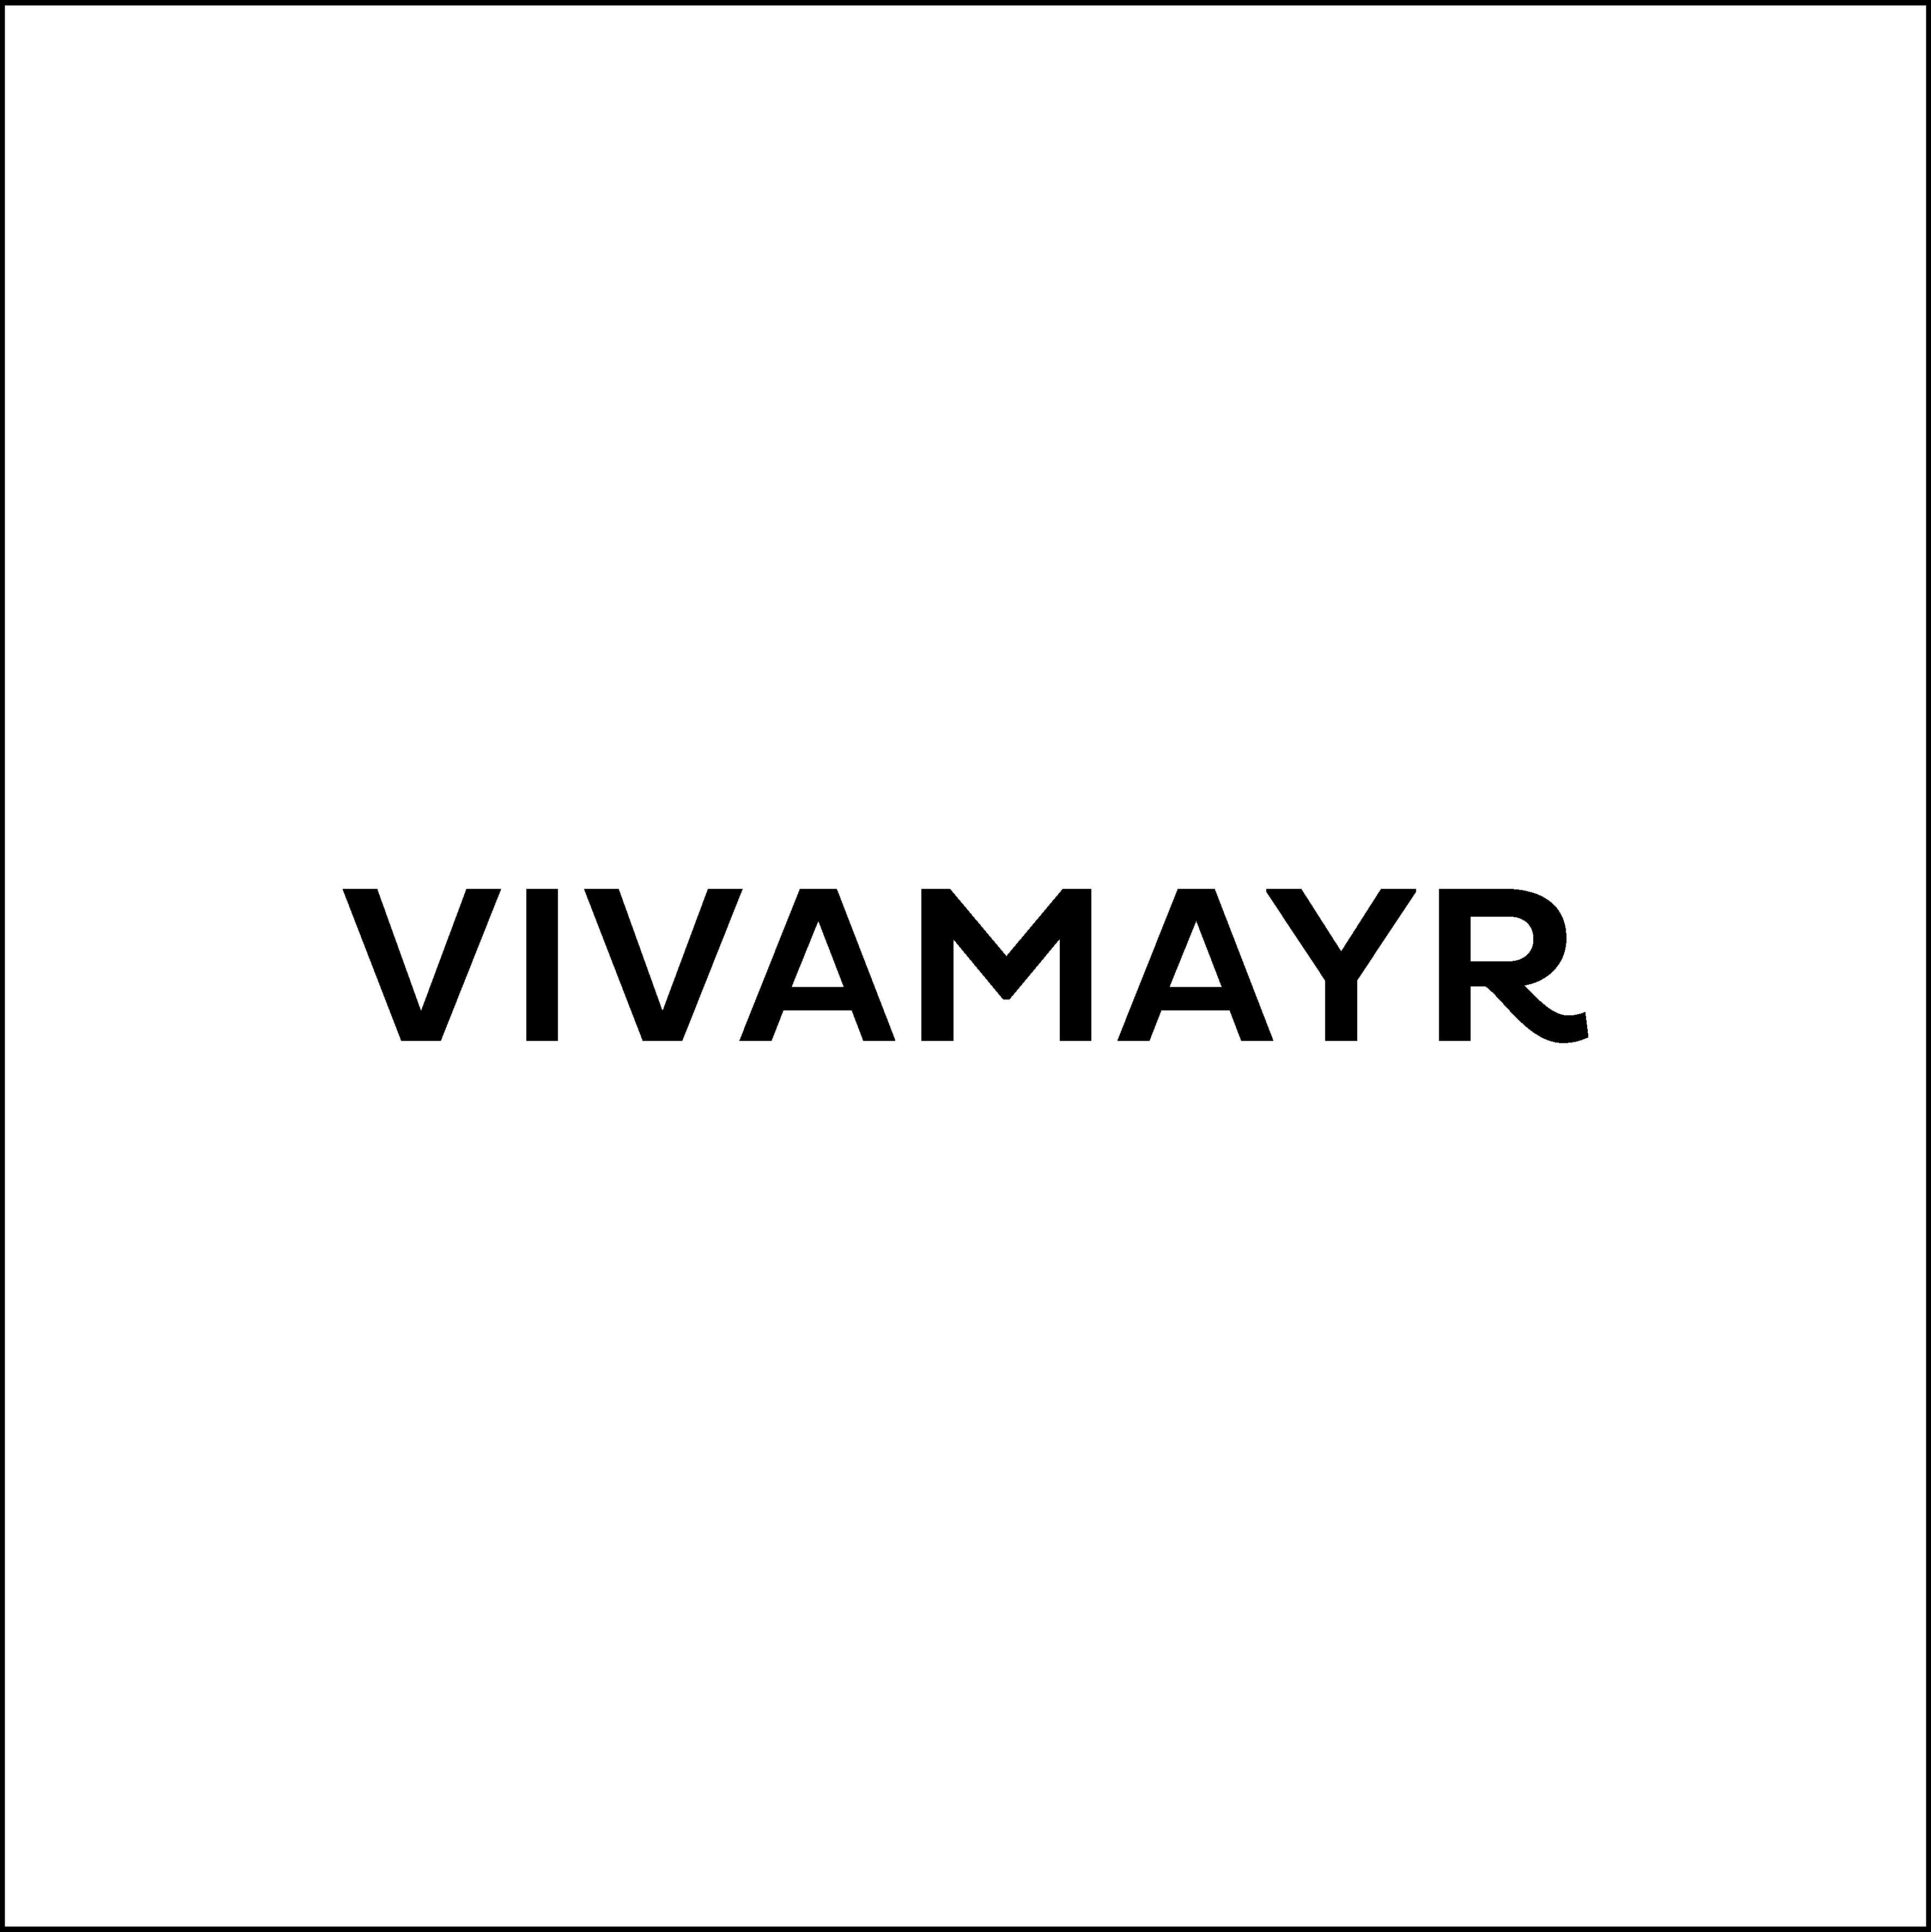 vivamayr medical spa resorts logo atelyay